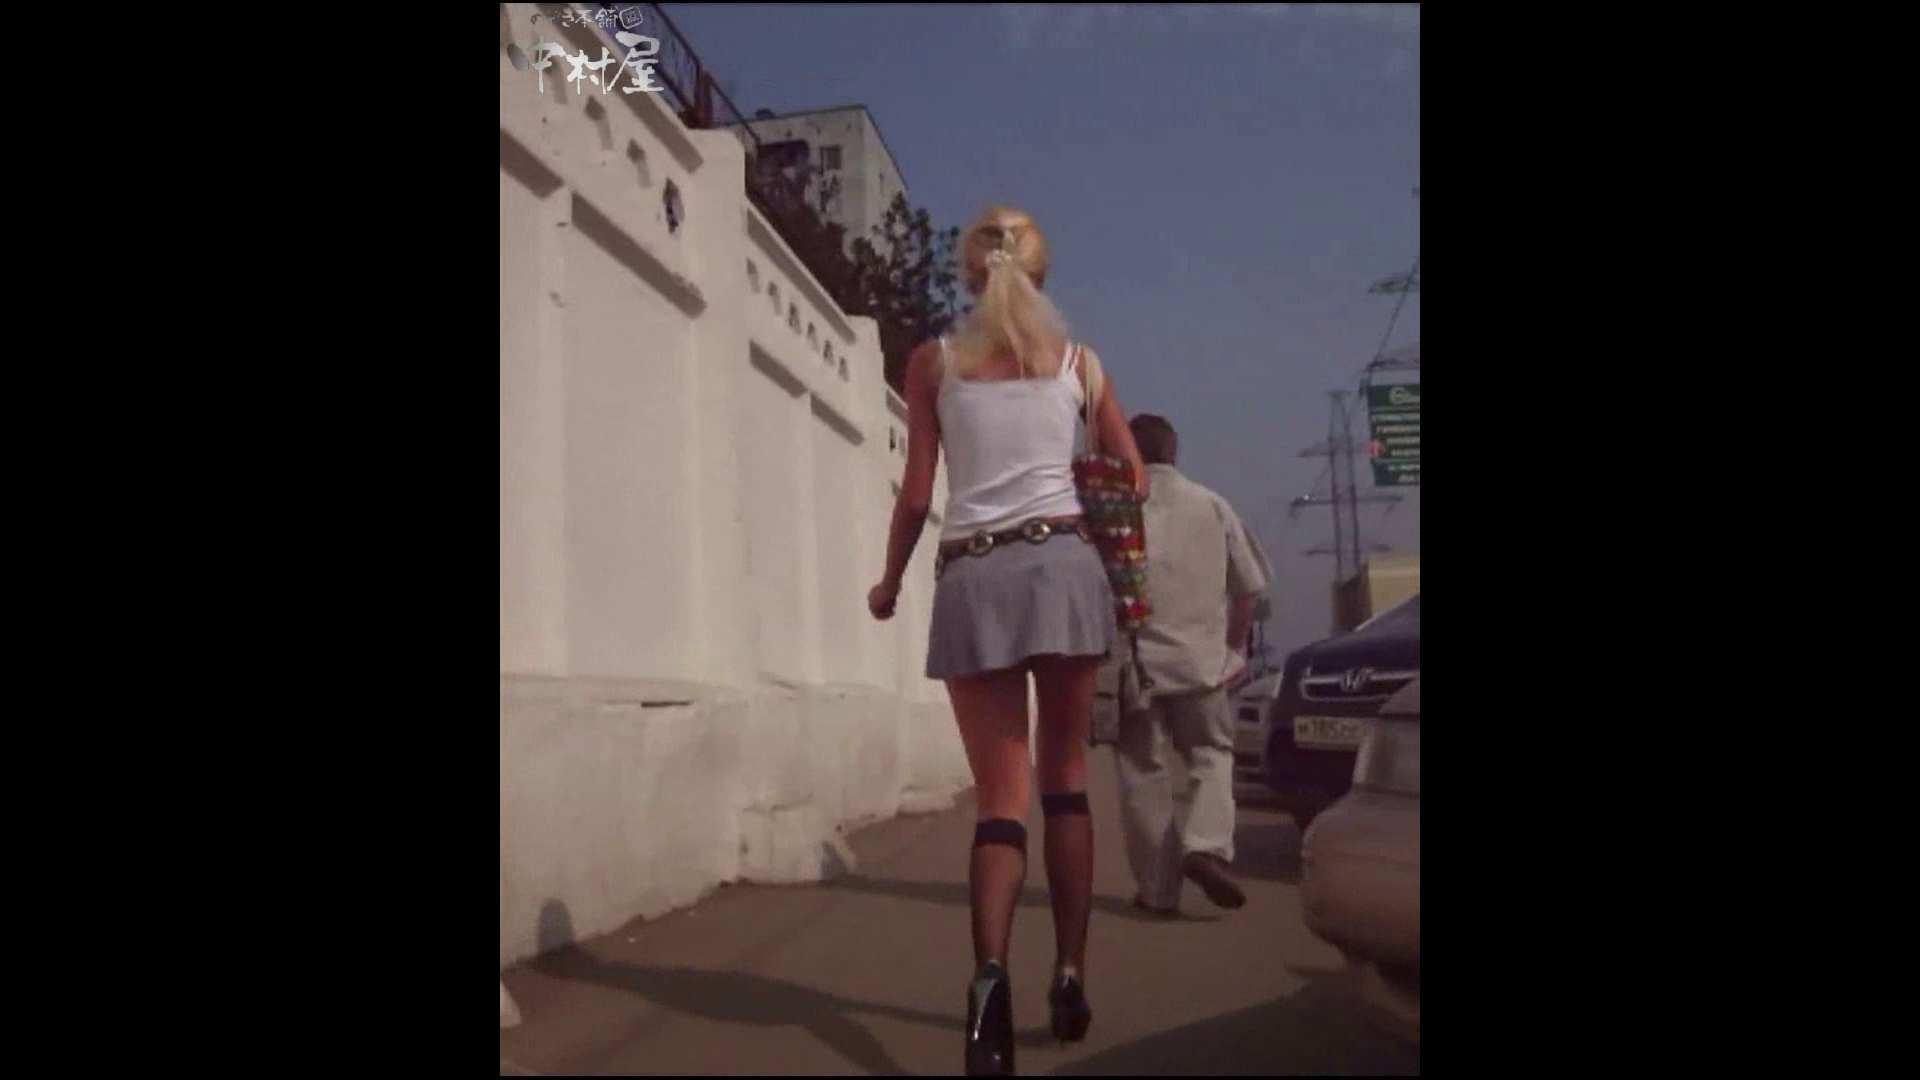 綺麗なモデルさんのスカート捲っちゃおう‼ vol25 モデル AV無料動画キャプチャ 62連発 35